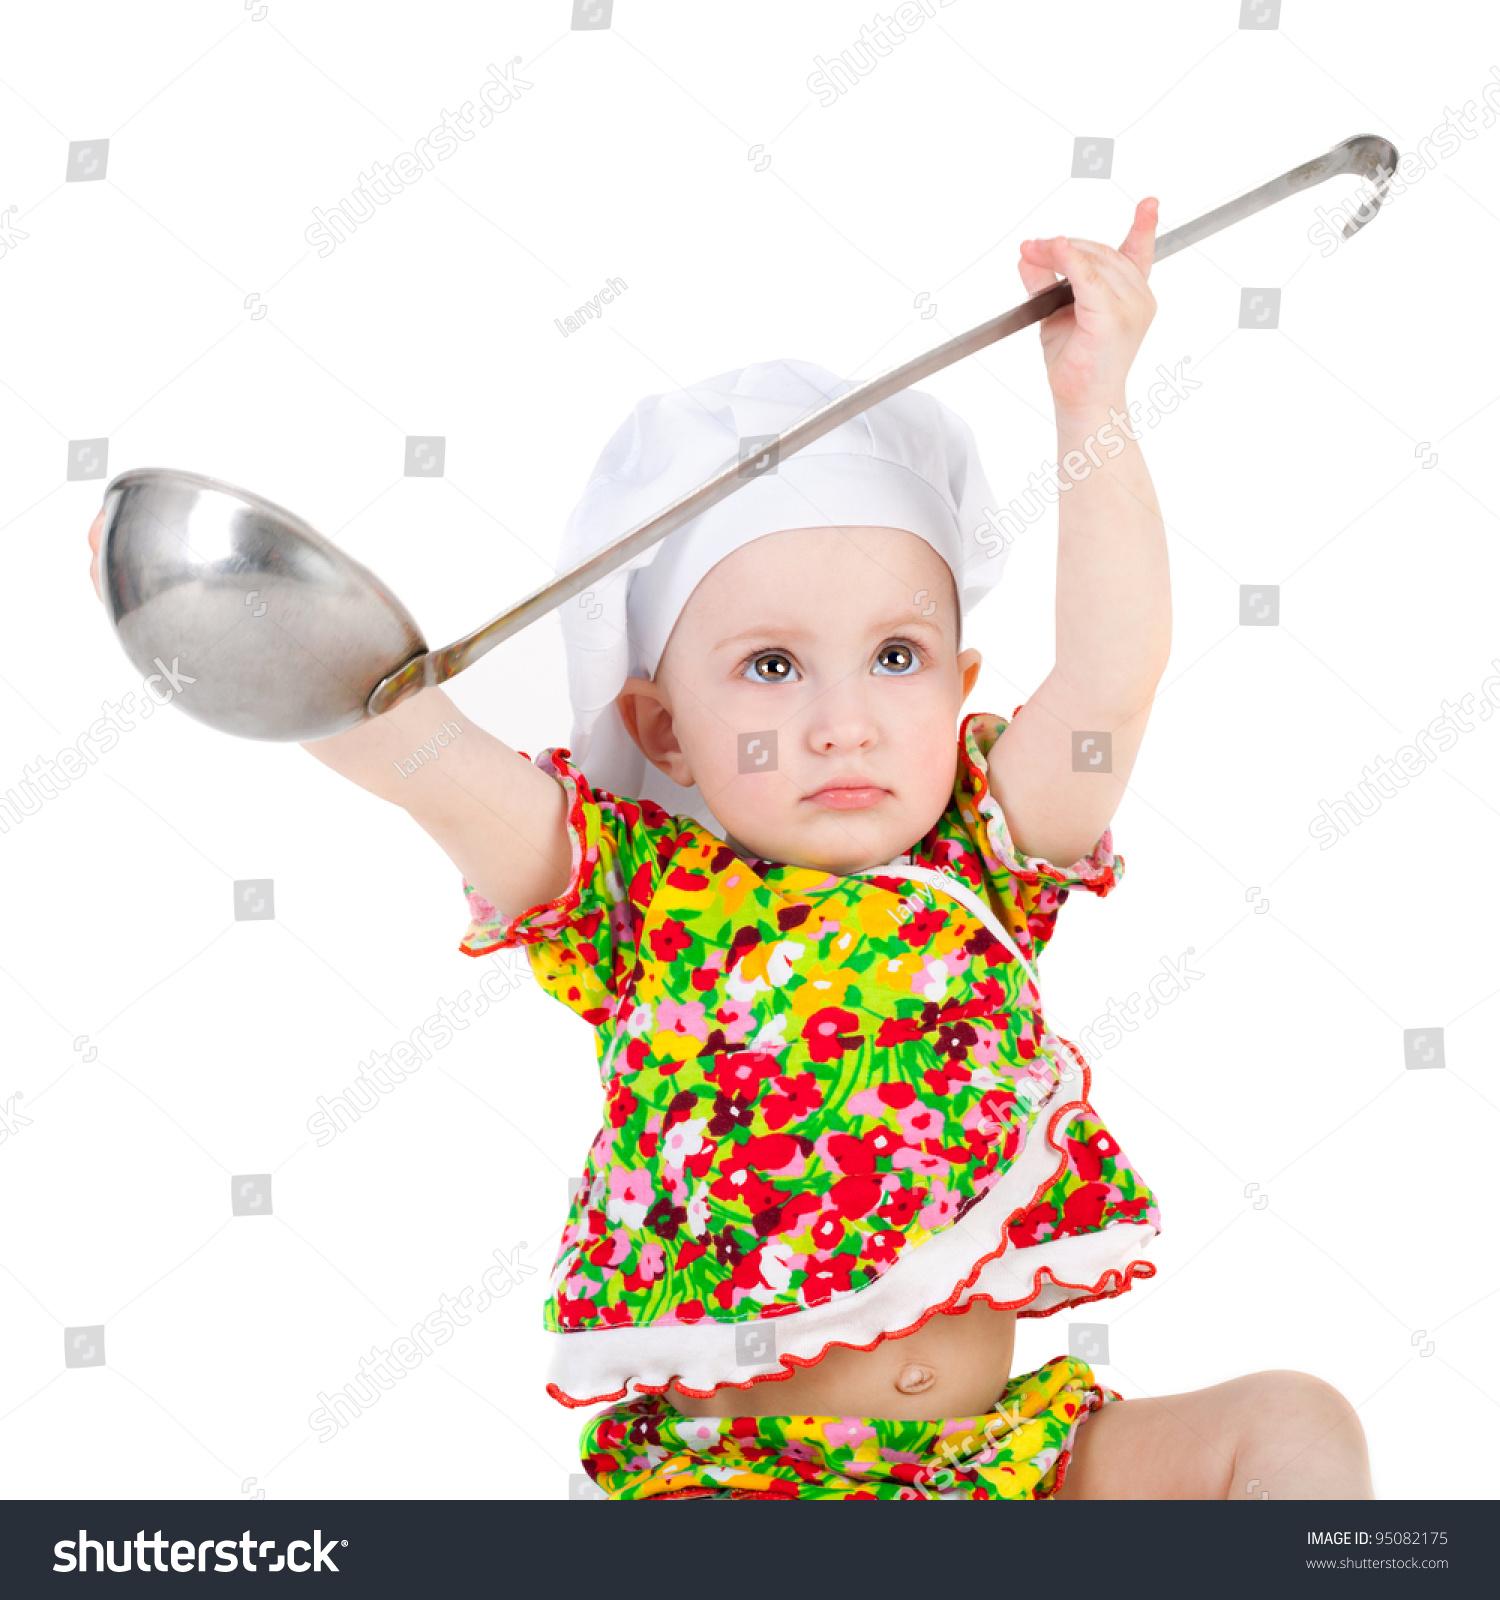 厨师帽可爱可爱的小婴儿,用大勺 - 人物,教育 - 站酷海洛创意正版图片,视频,音乐素材交易平台 - Shutterstock中国独家合作伙伴 - 站酷旗下品牌